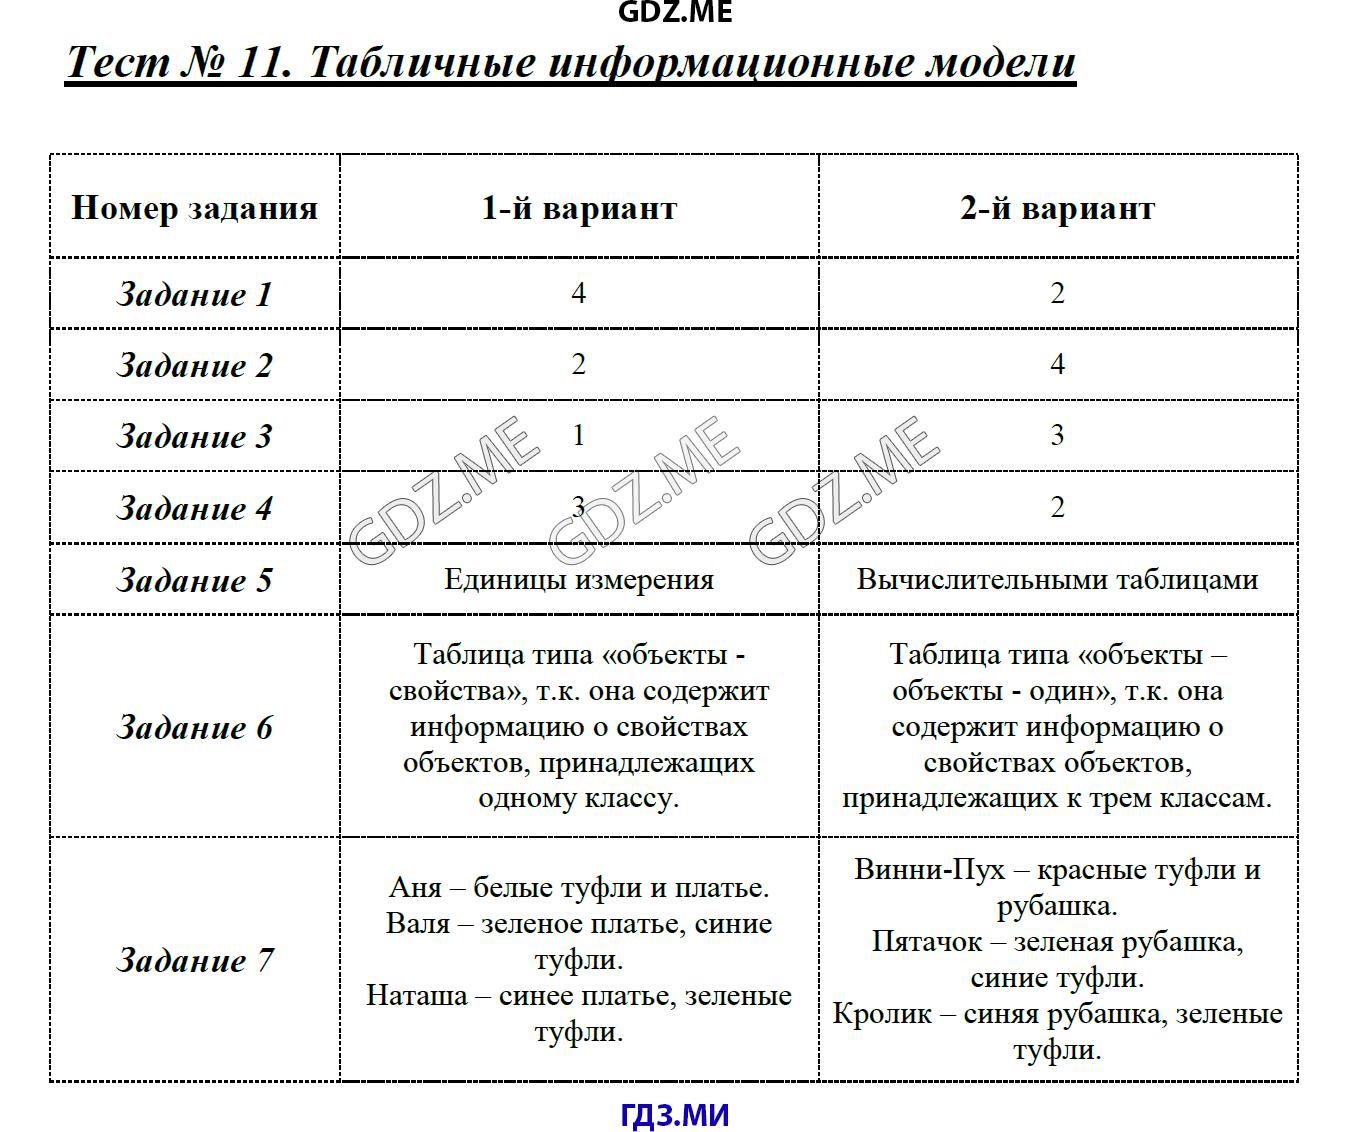 Контрольная работа по информатике информационные модели 6 класс доска объявлений новосибирск работа для девушек